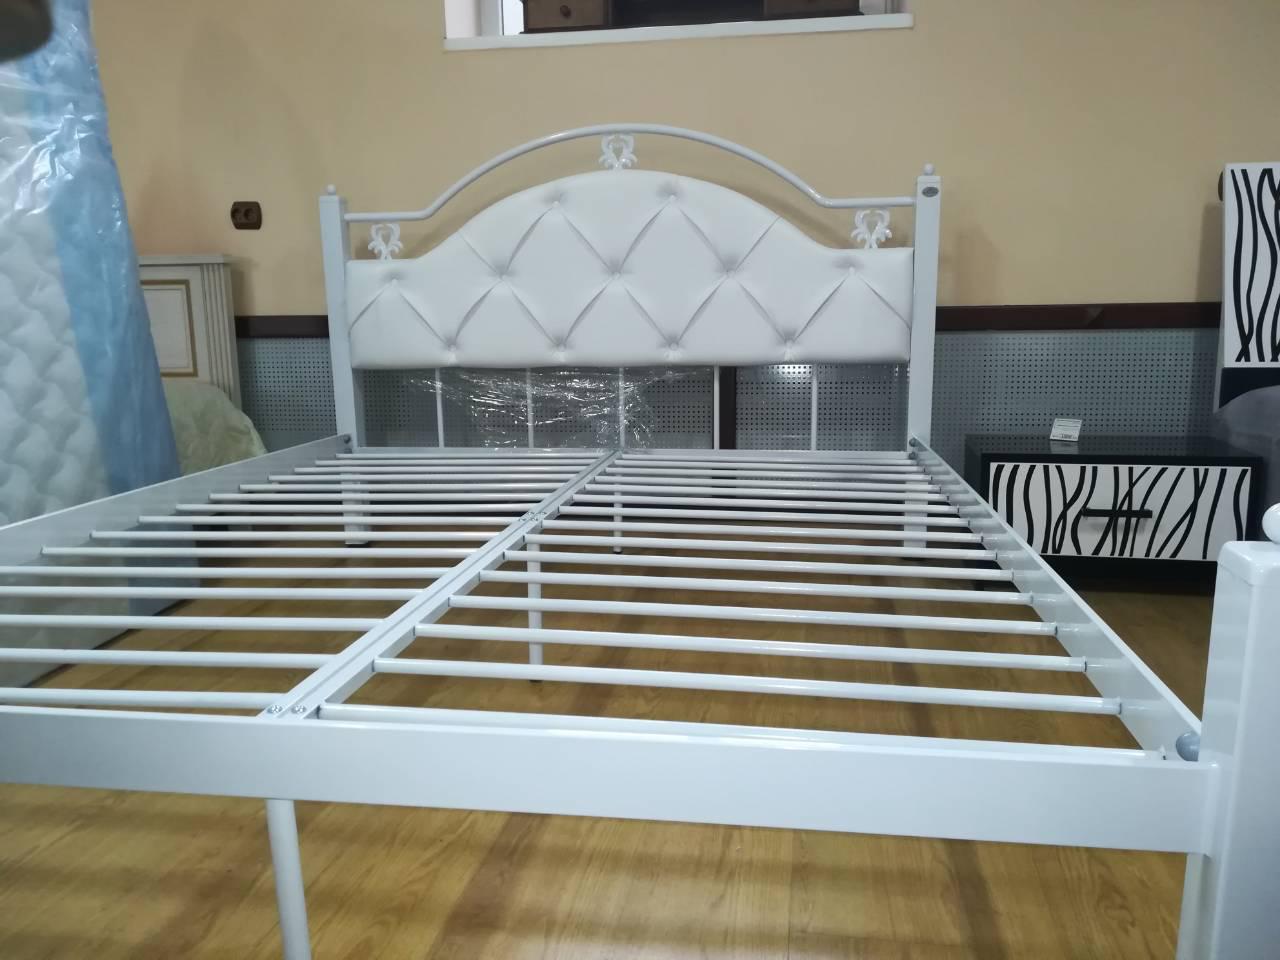 эсмеральда люкс двуспальная кровать металл дизайн цена 4 400 грн